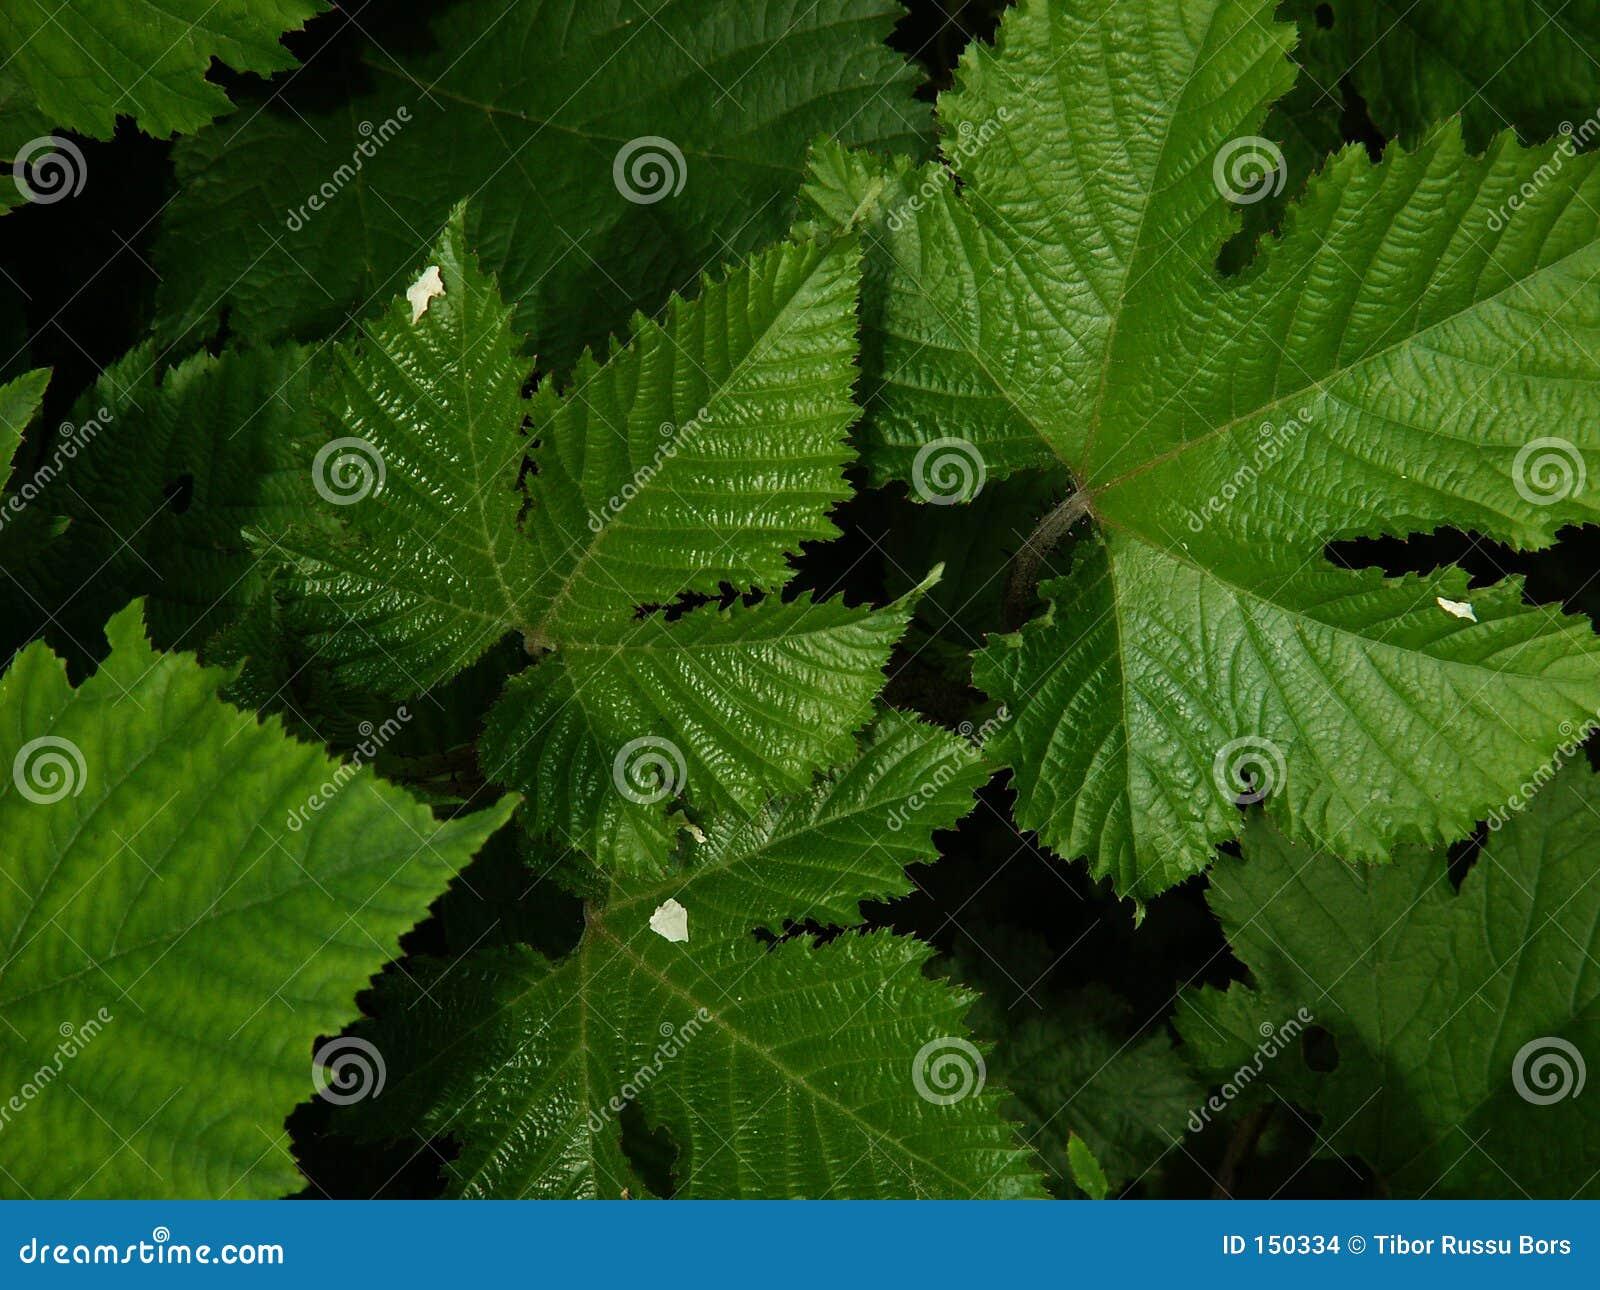 Rubus leaves